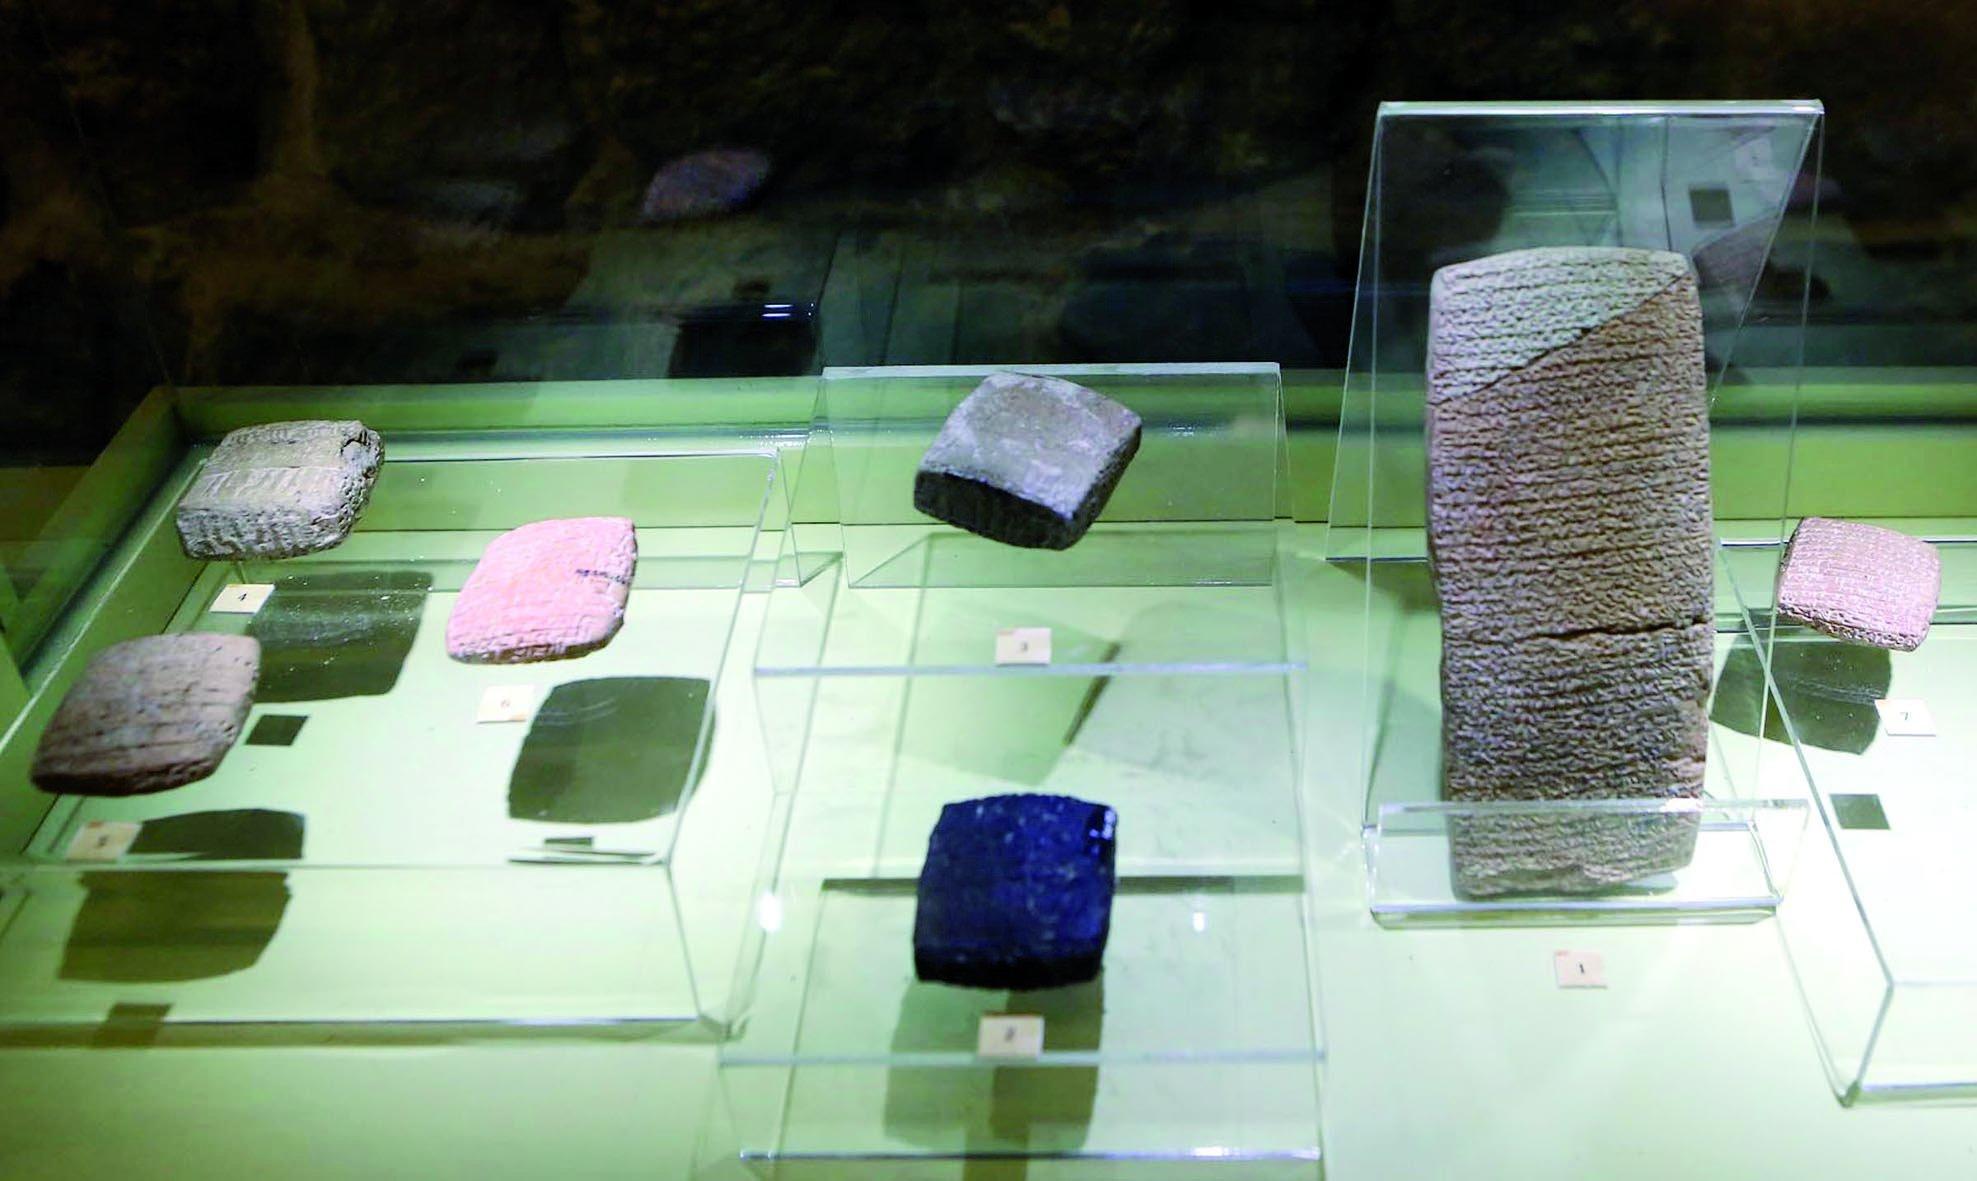 ВТурции отыскали  4000-летний супружеский  договор, разрешавший половое  рабство